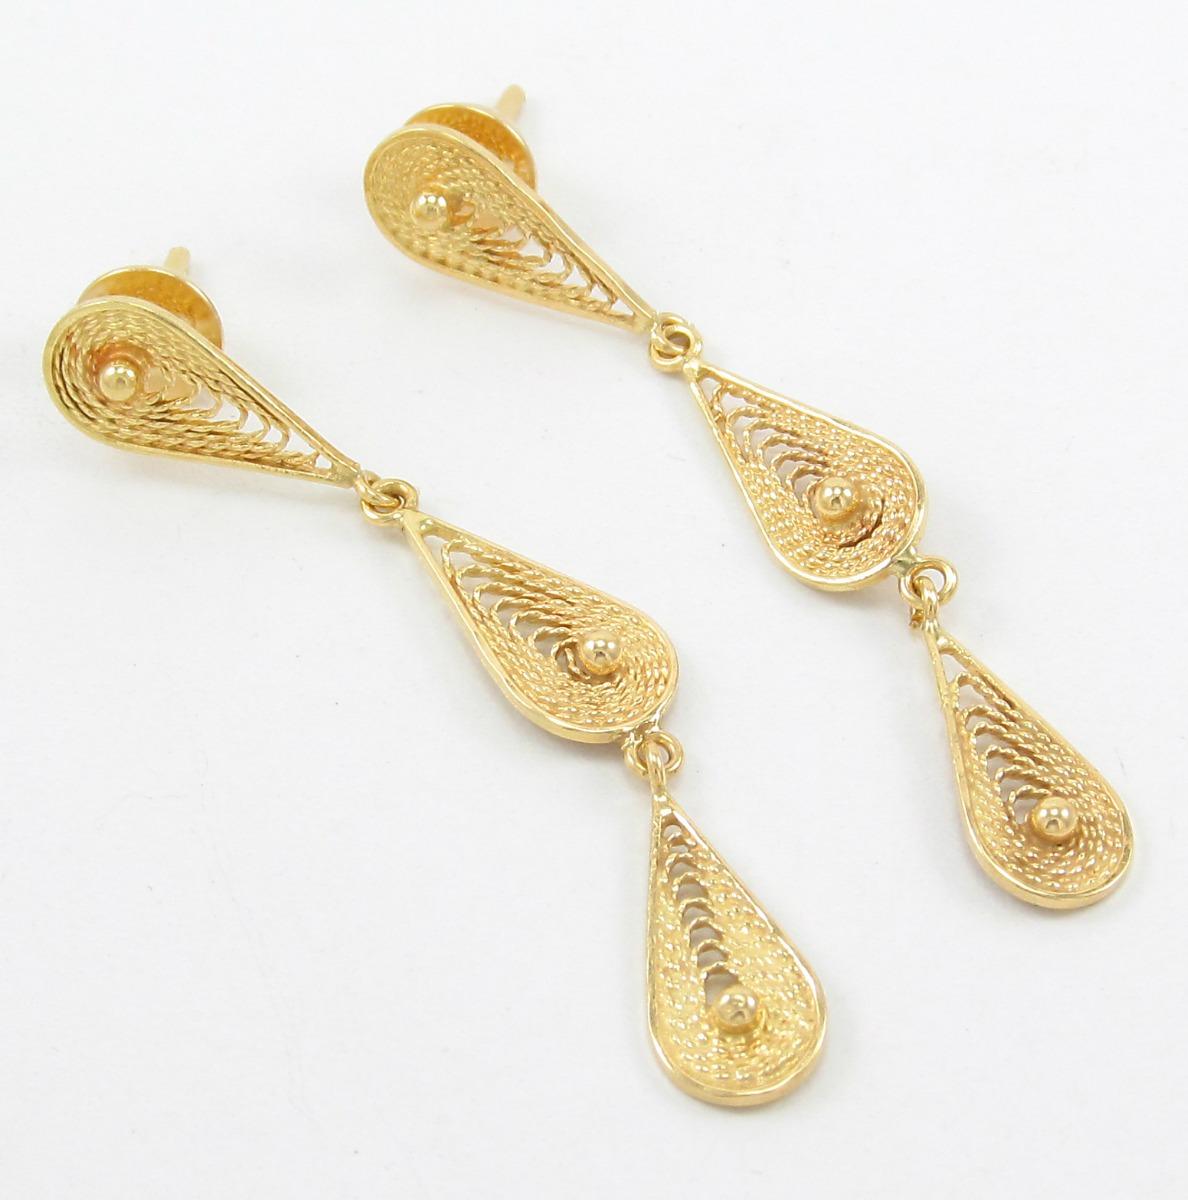 9d1a81d03b4 brinco da grife vivara pendente com filigrana ouro 18k 750. Carregando zoom.